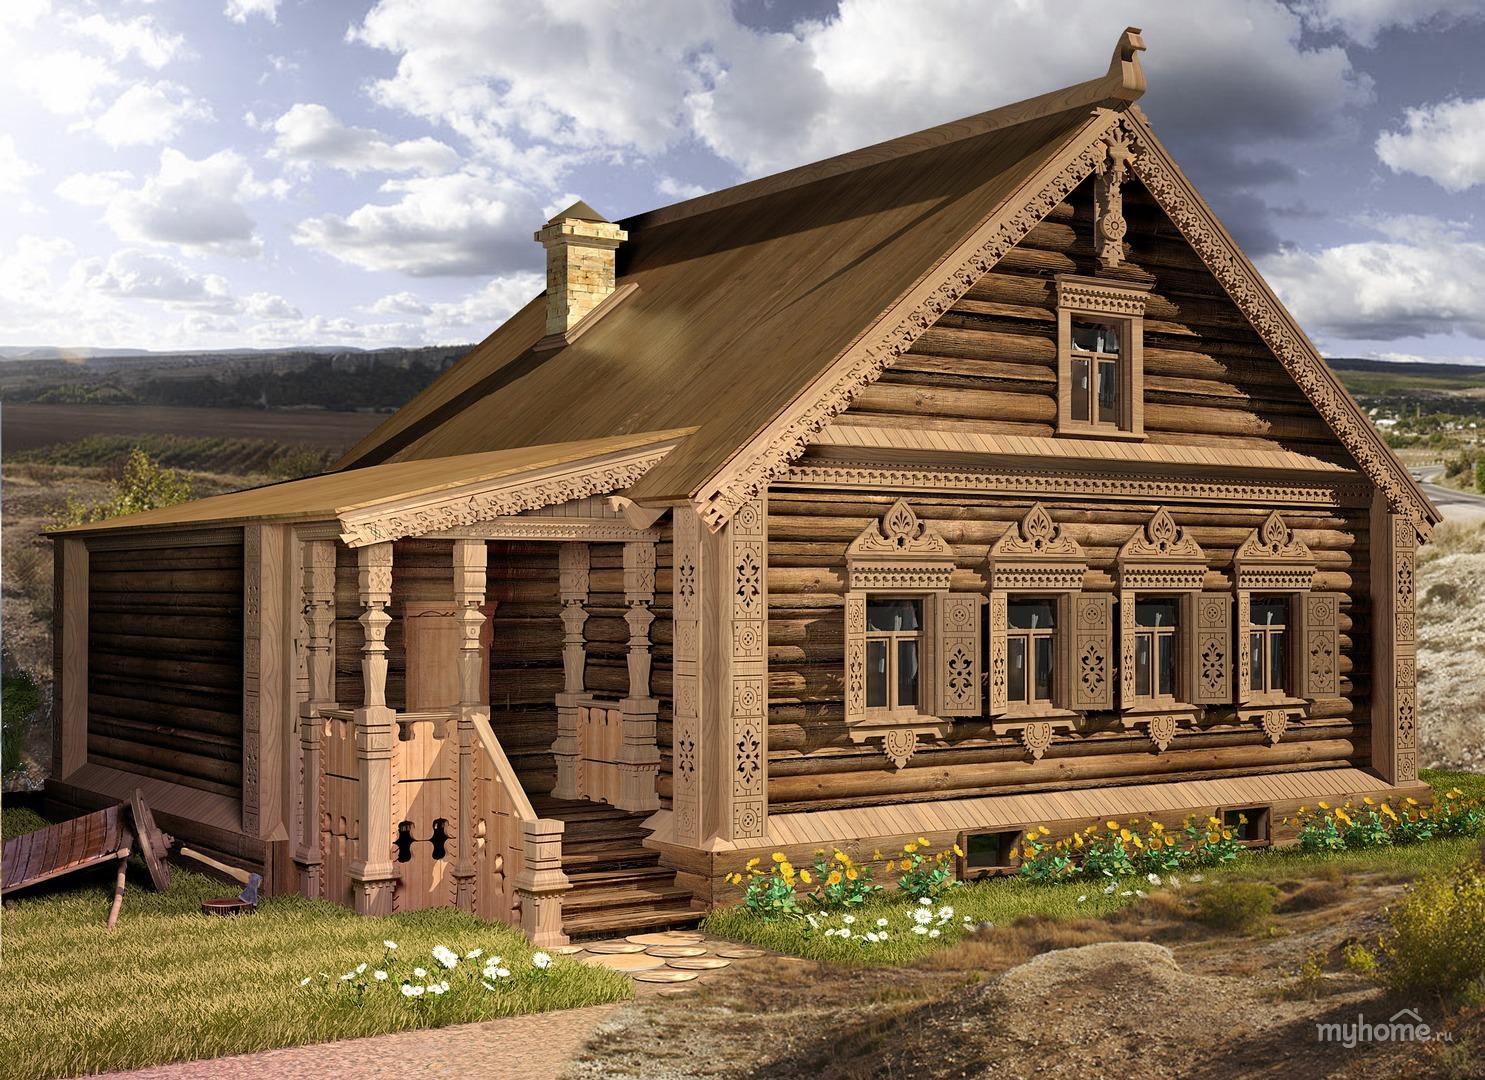 Музей сельской избы открылся в калужской области